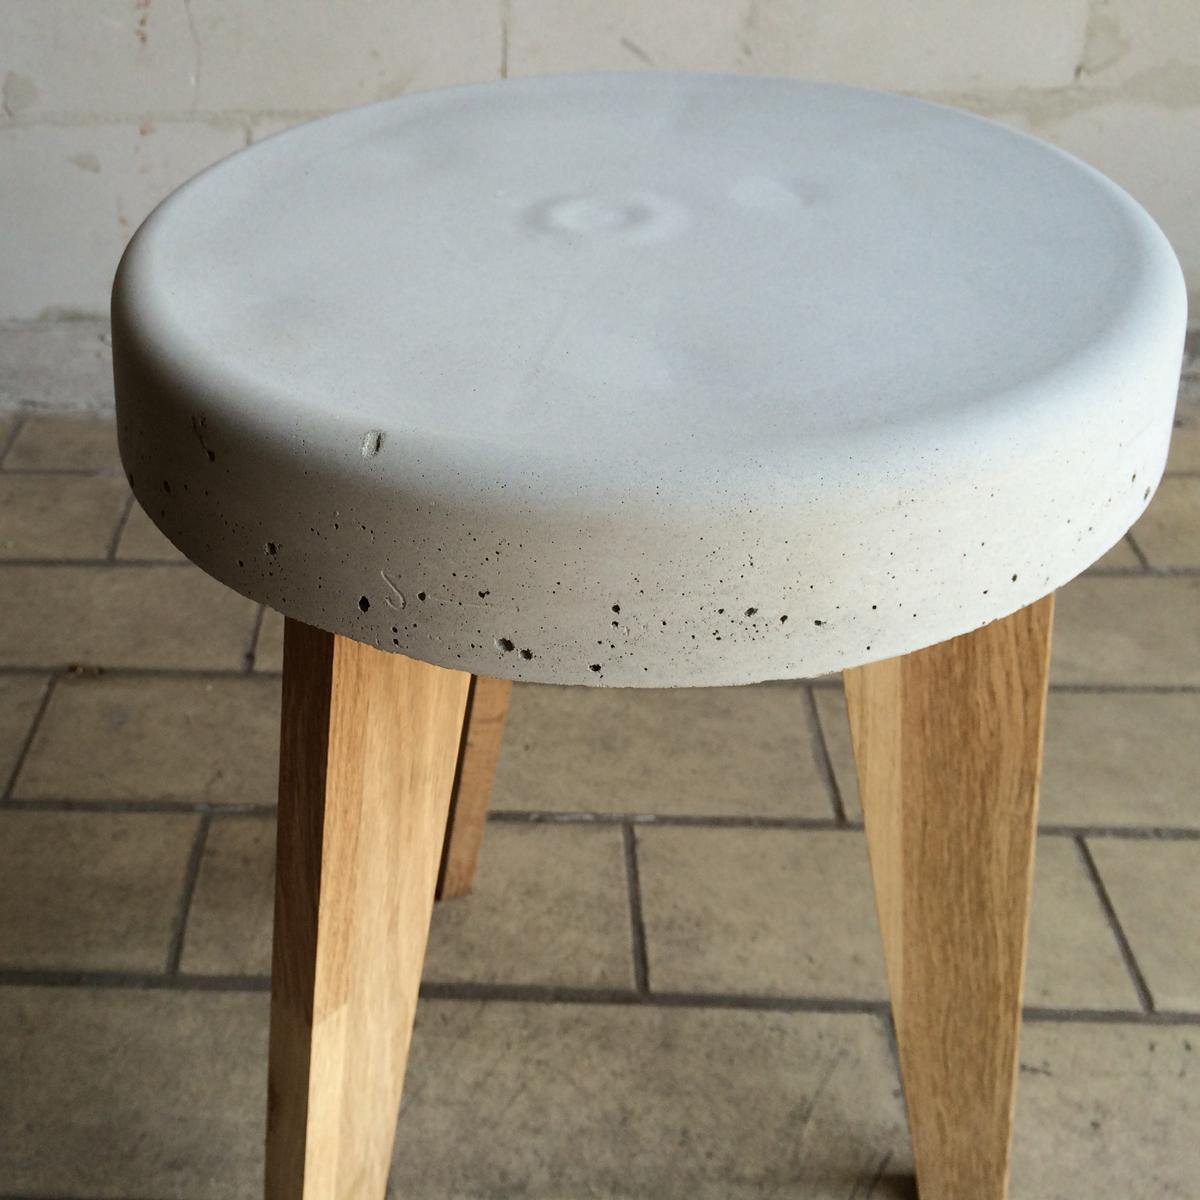 beton-kruk-eiken-poten-2